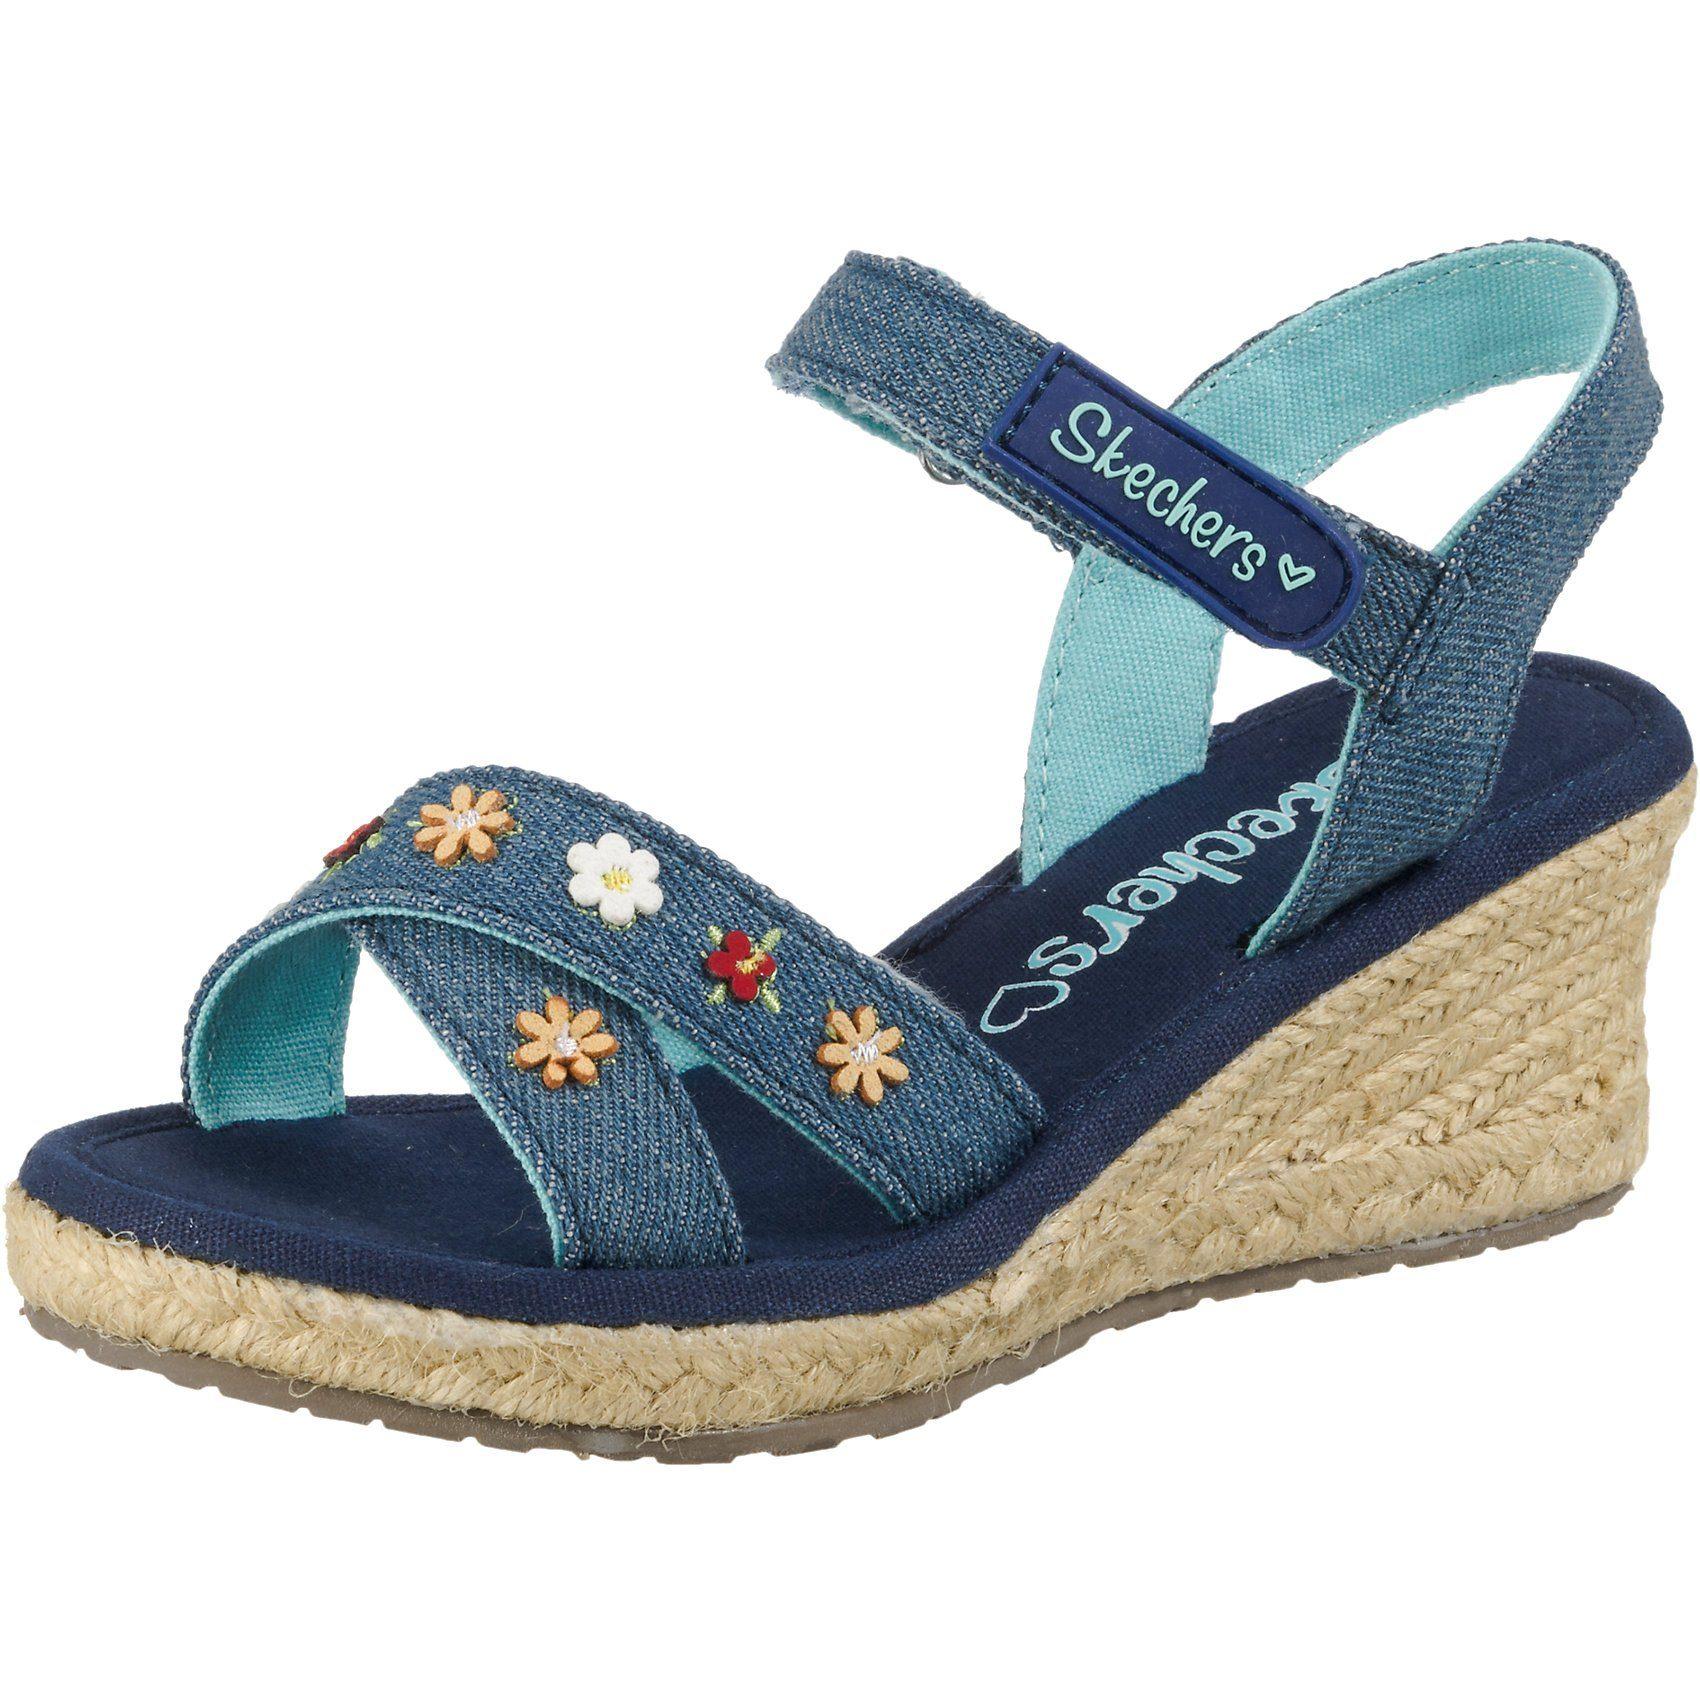 Mega Schnäppchen Keilabsatz Sandalen von Skechers